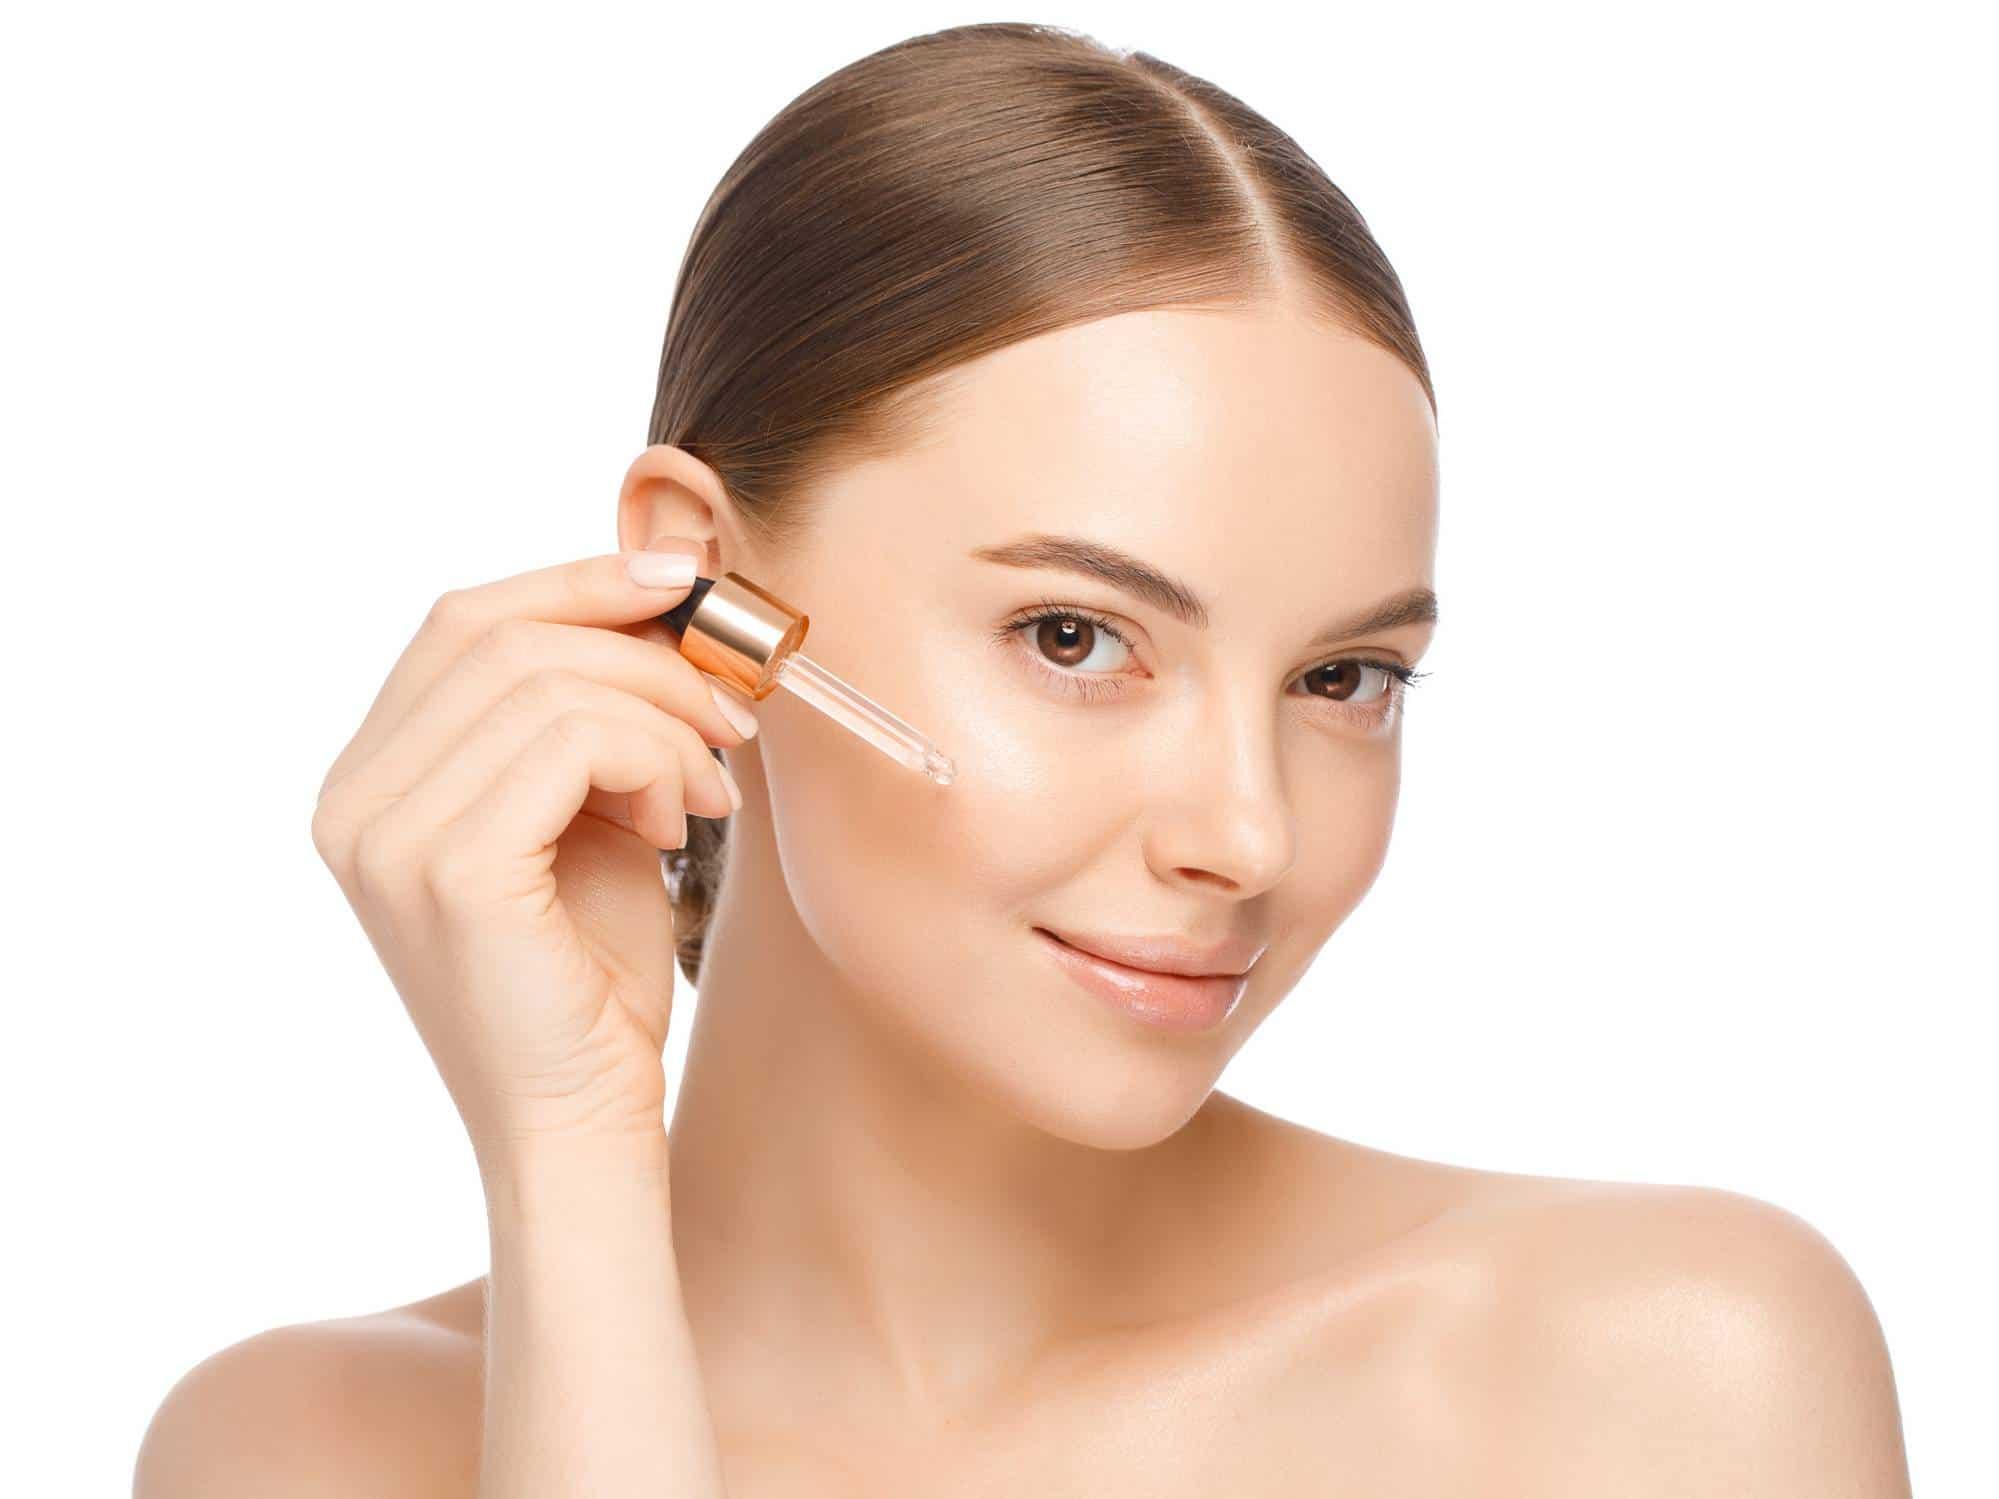 Sérums : les bienfaits sur le vieillissement de la peau